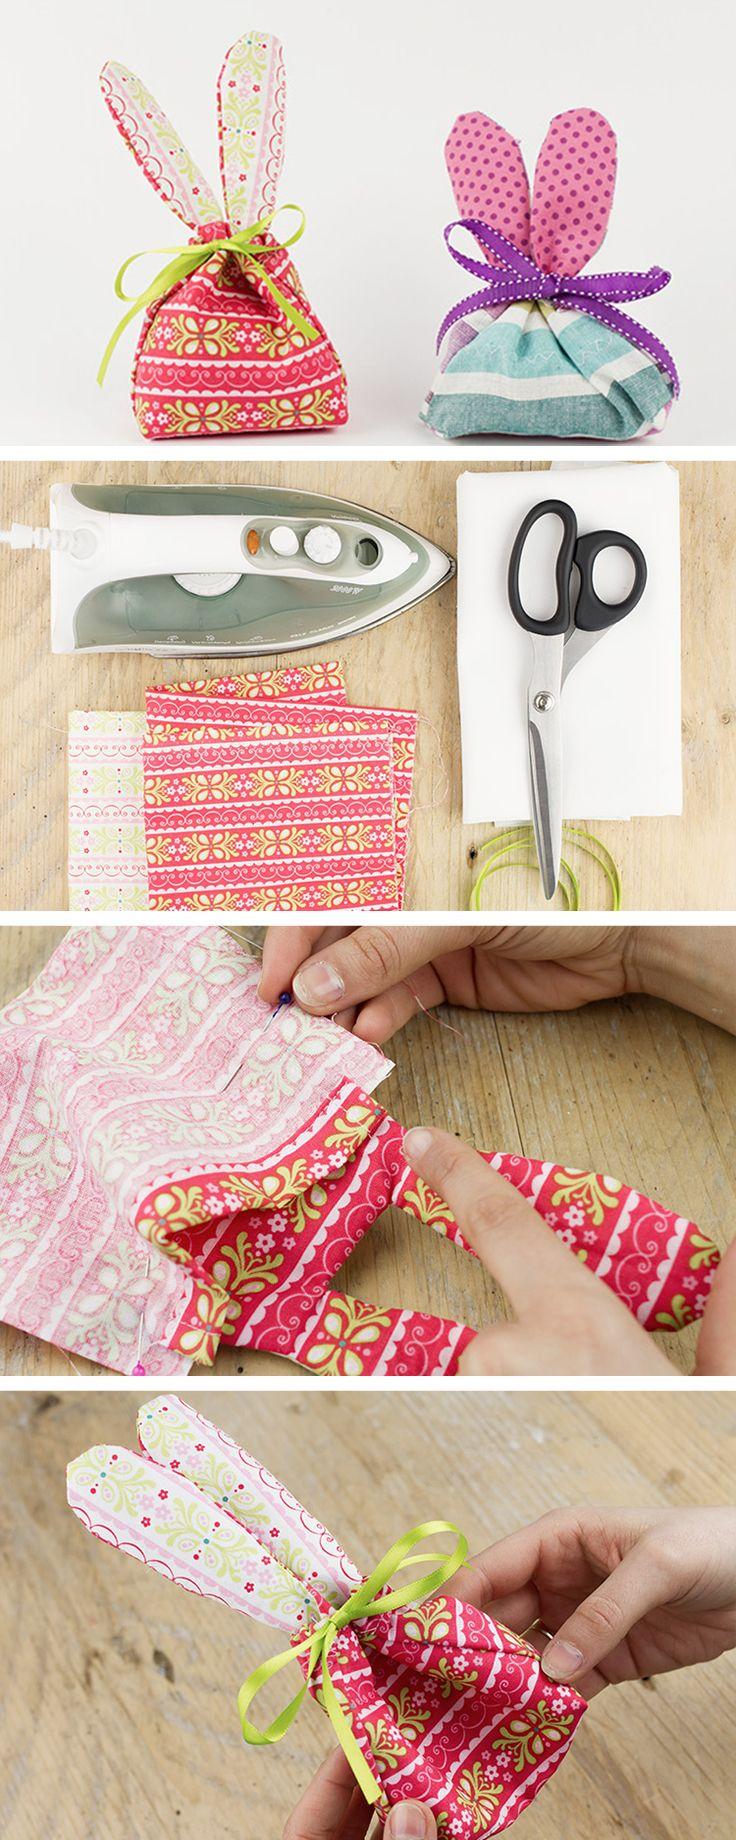 Sacchetti handmade a forma di coniglietto: il progetto DIY perfetto per Pasqua! http://it.dawanda.com/tutorial-fai-da-te/cucire/fare-sacchetto-forma-coniglio